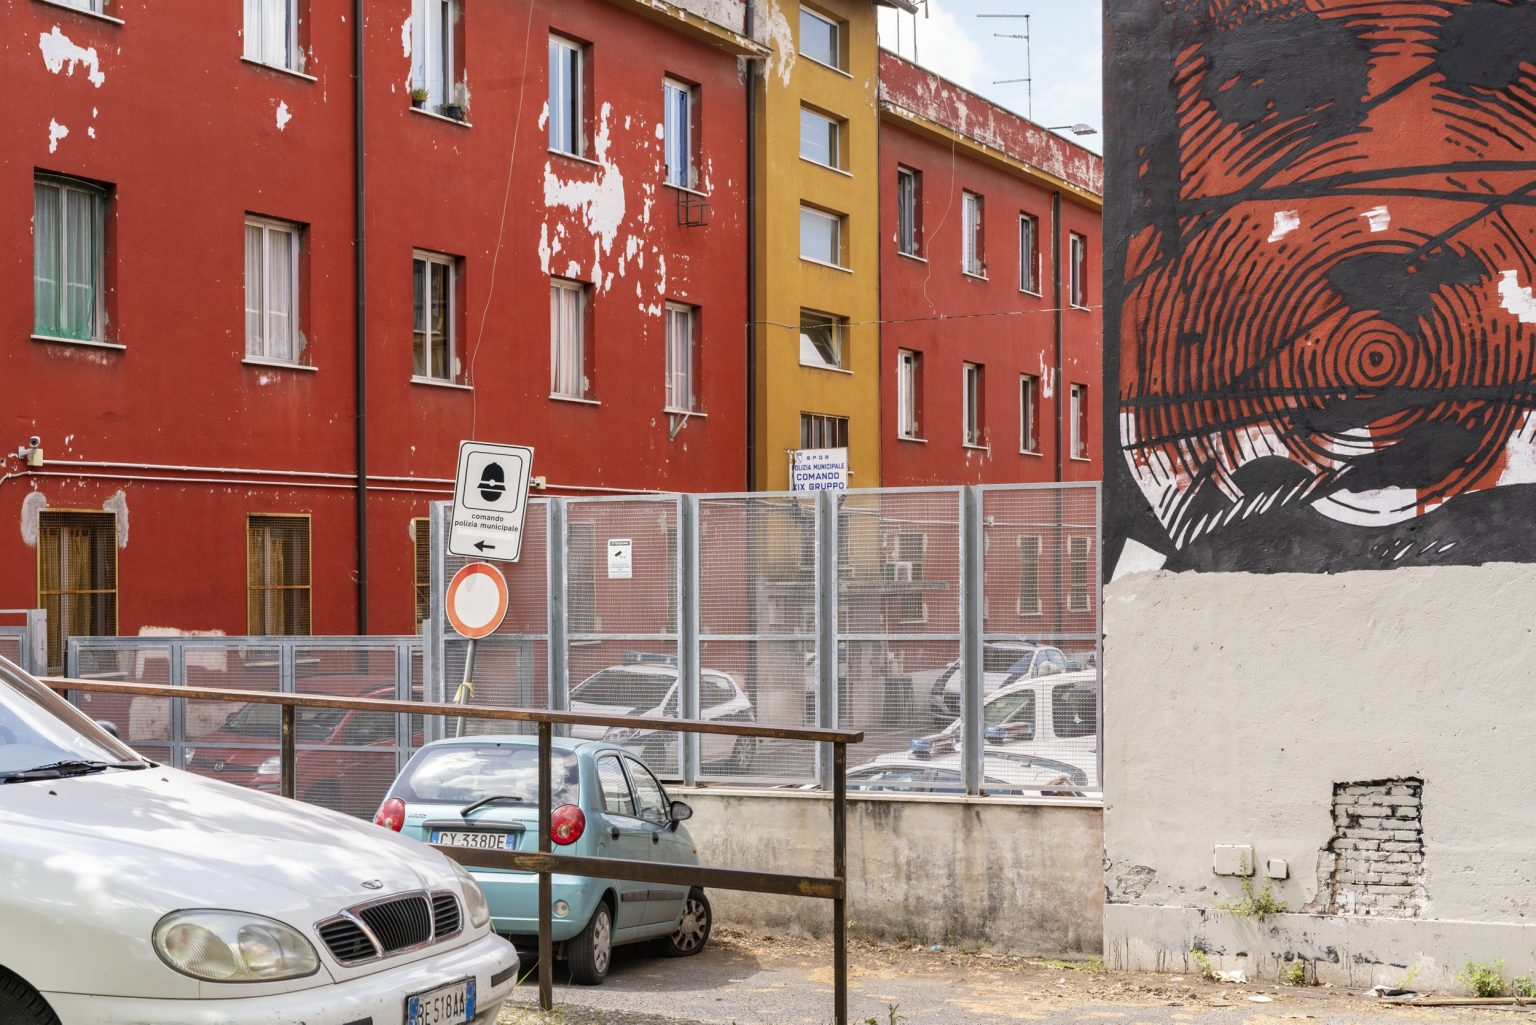 Rome, April 2017 - Via Federico Borromeo. Primavalle district. >< Roma, aprile 2017 - Via Federico Borromeo. Quartiere Primavalle.